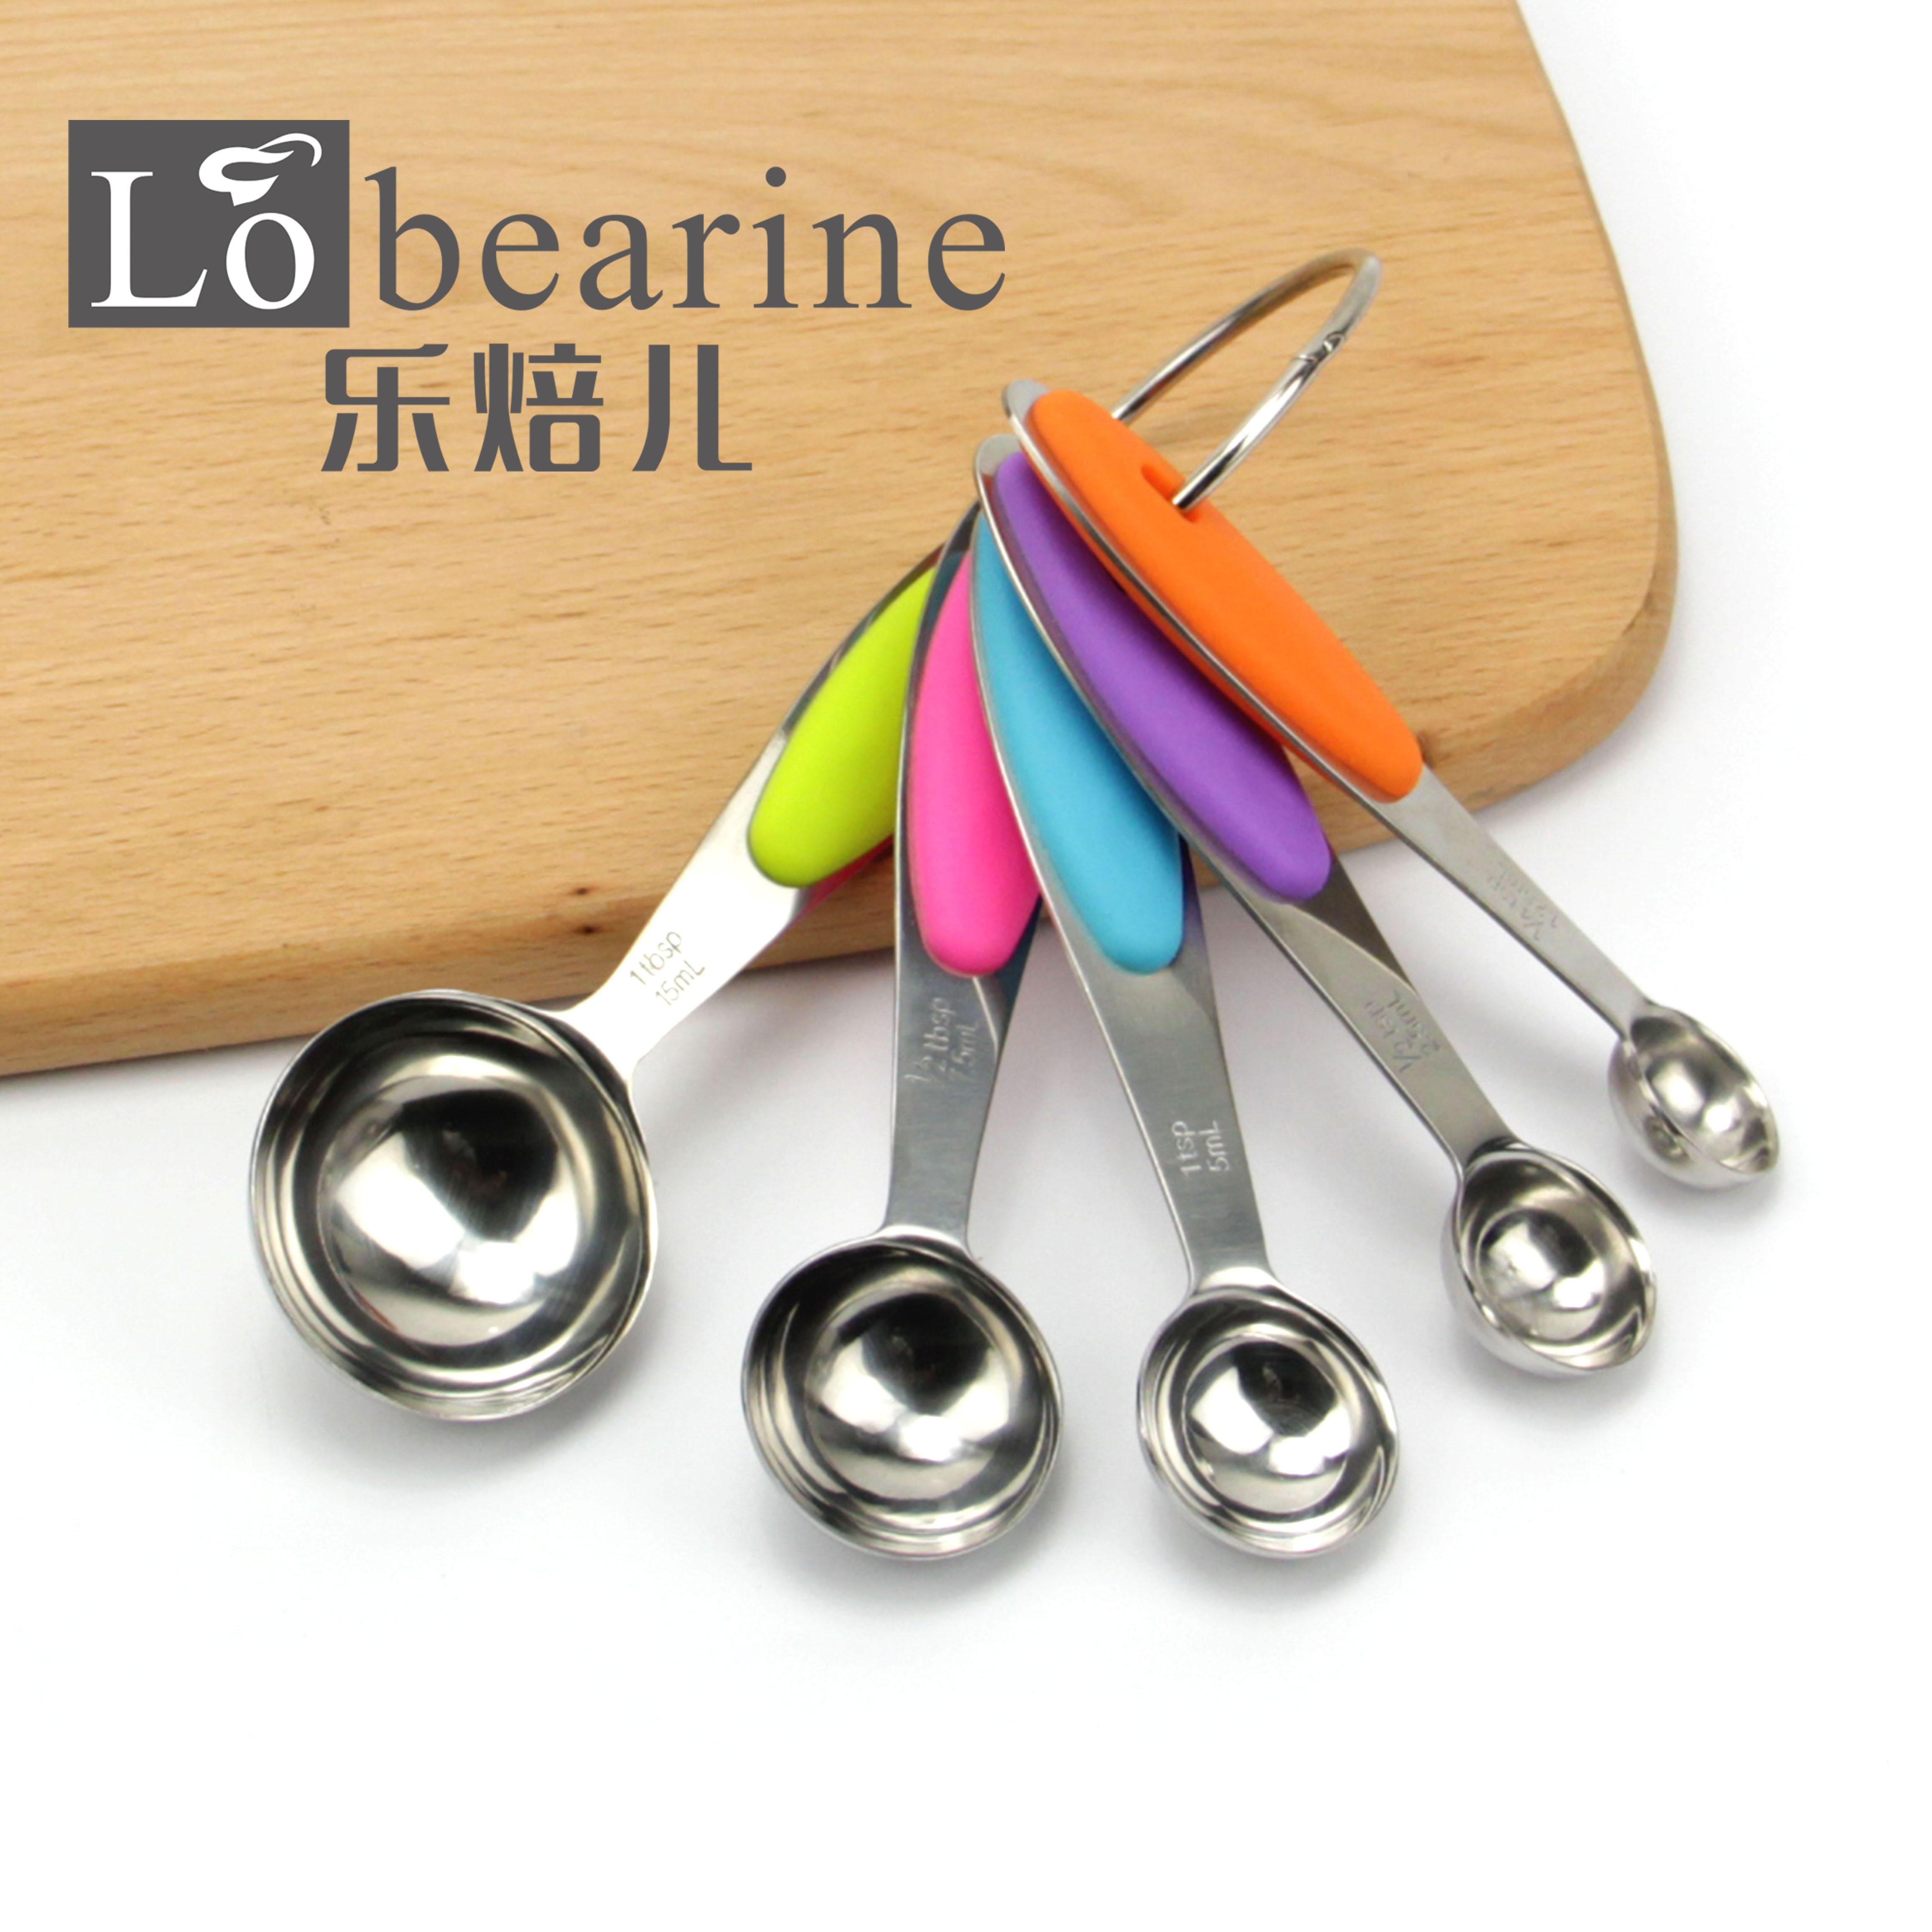 量匙量勺5件套不锈钢硅胶防滑手柄量器 创意易收纳烘焙厨房小工具